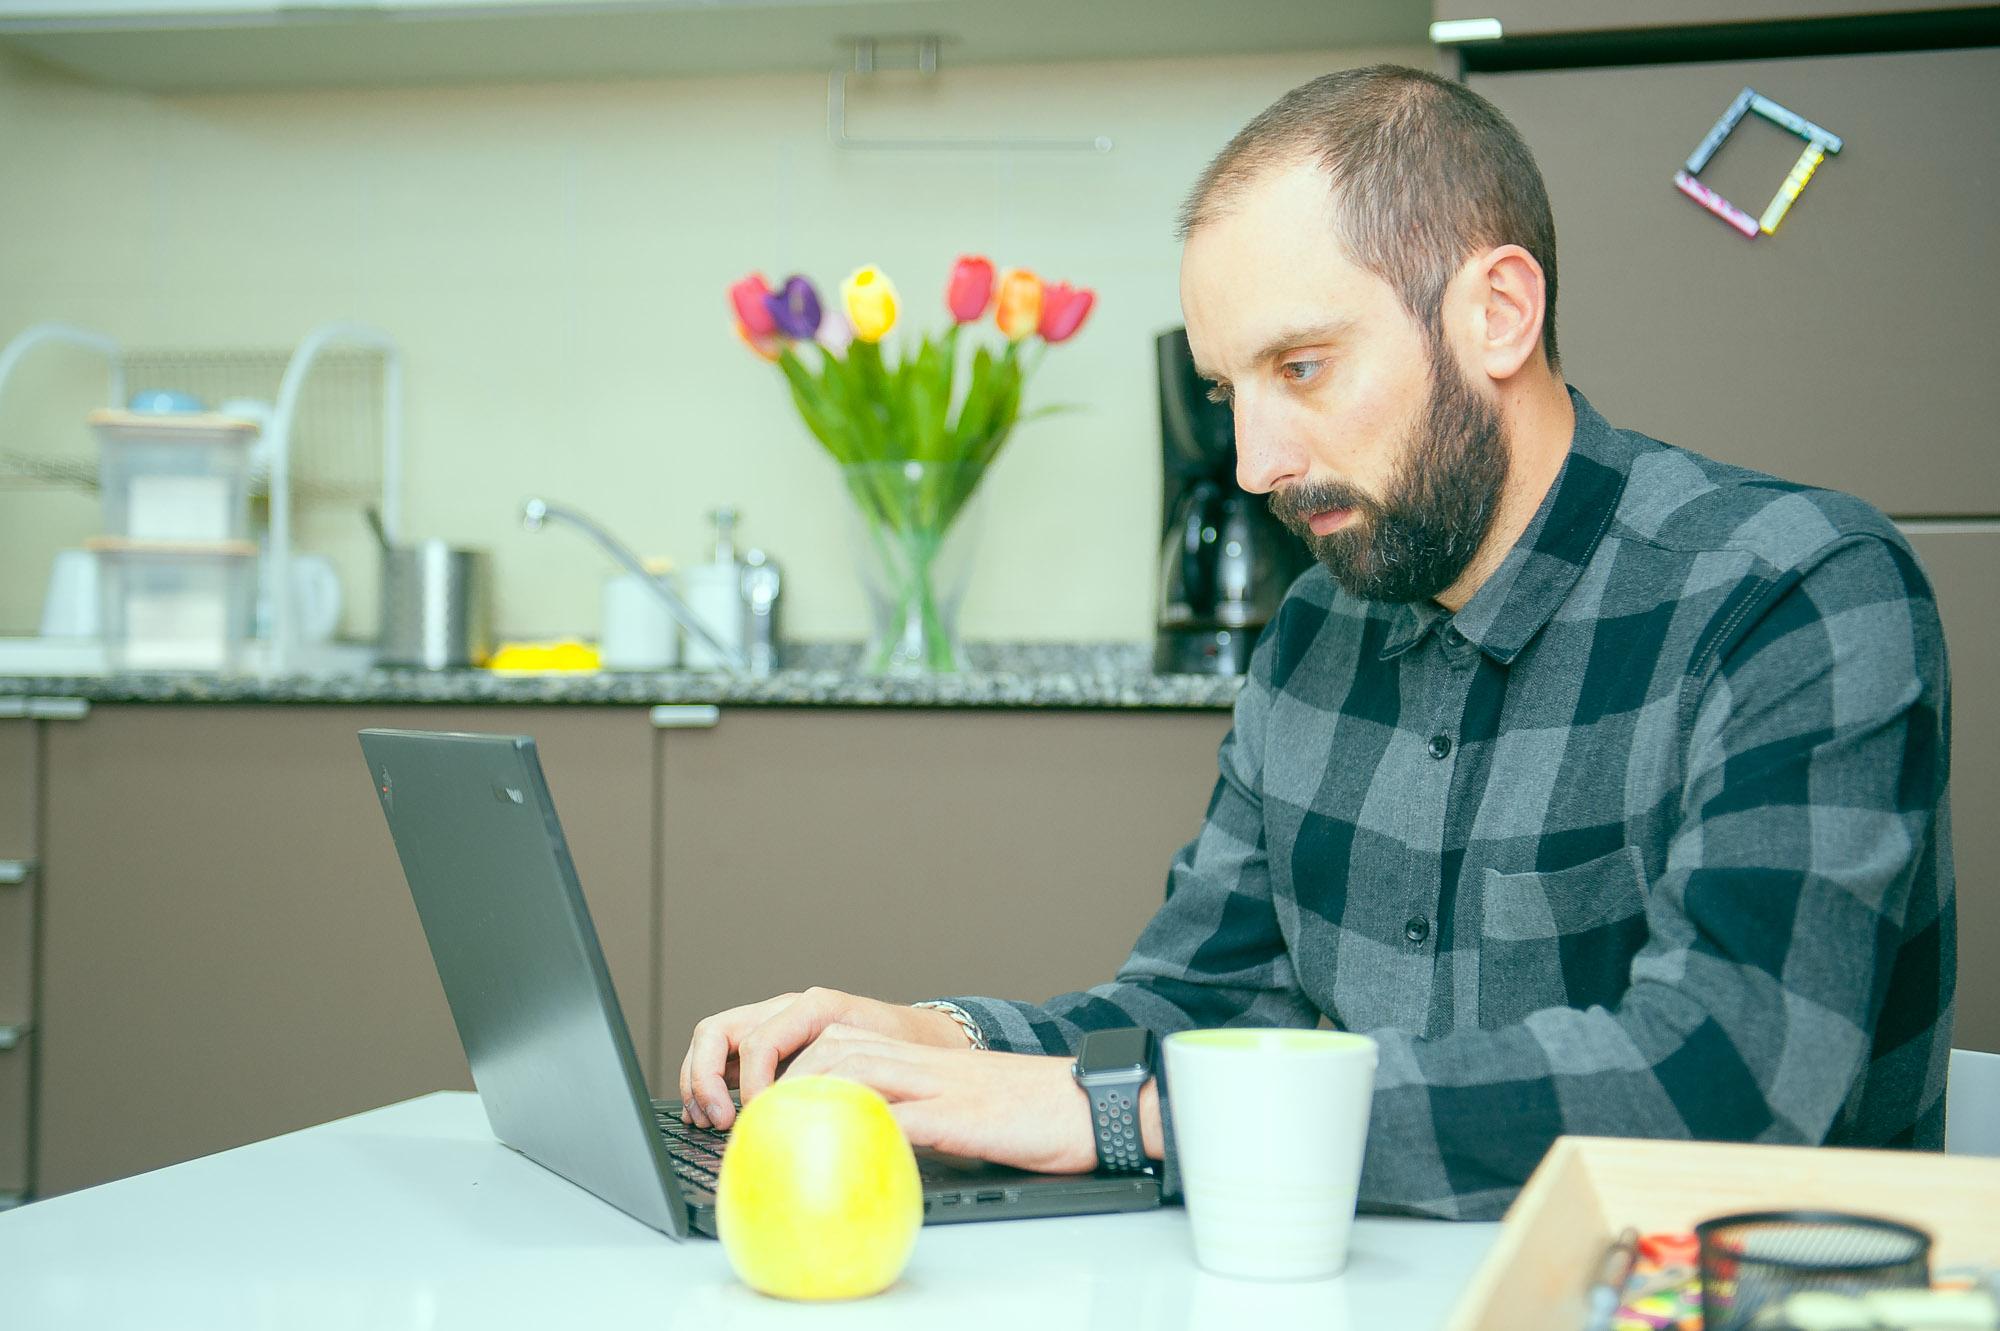 Sesión de trabajo en Ivory de Carlos con el portátil para el desarrollo web